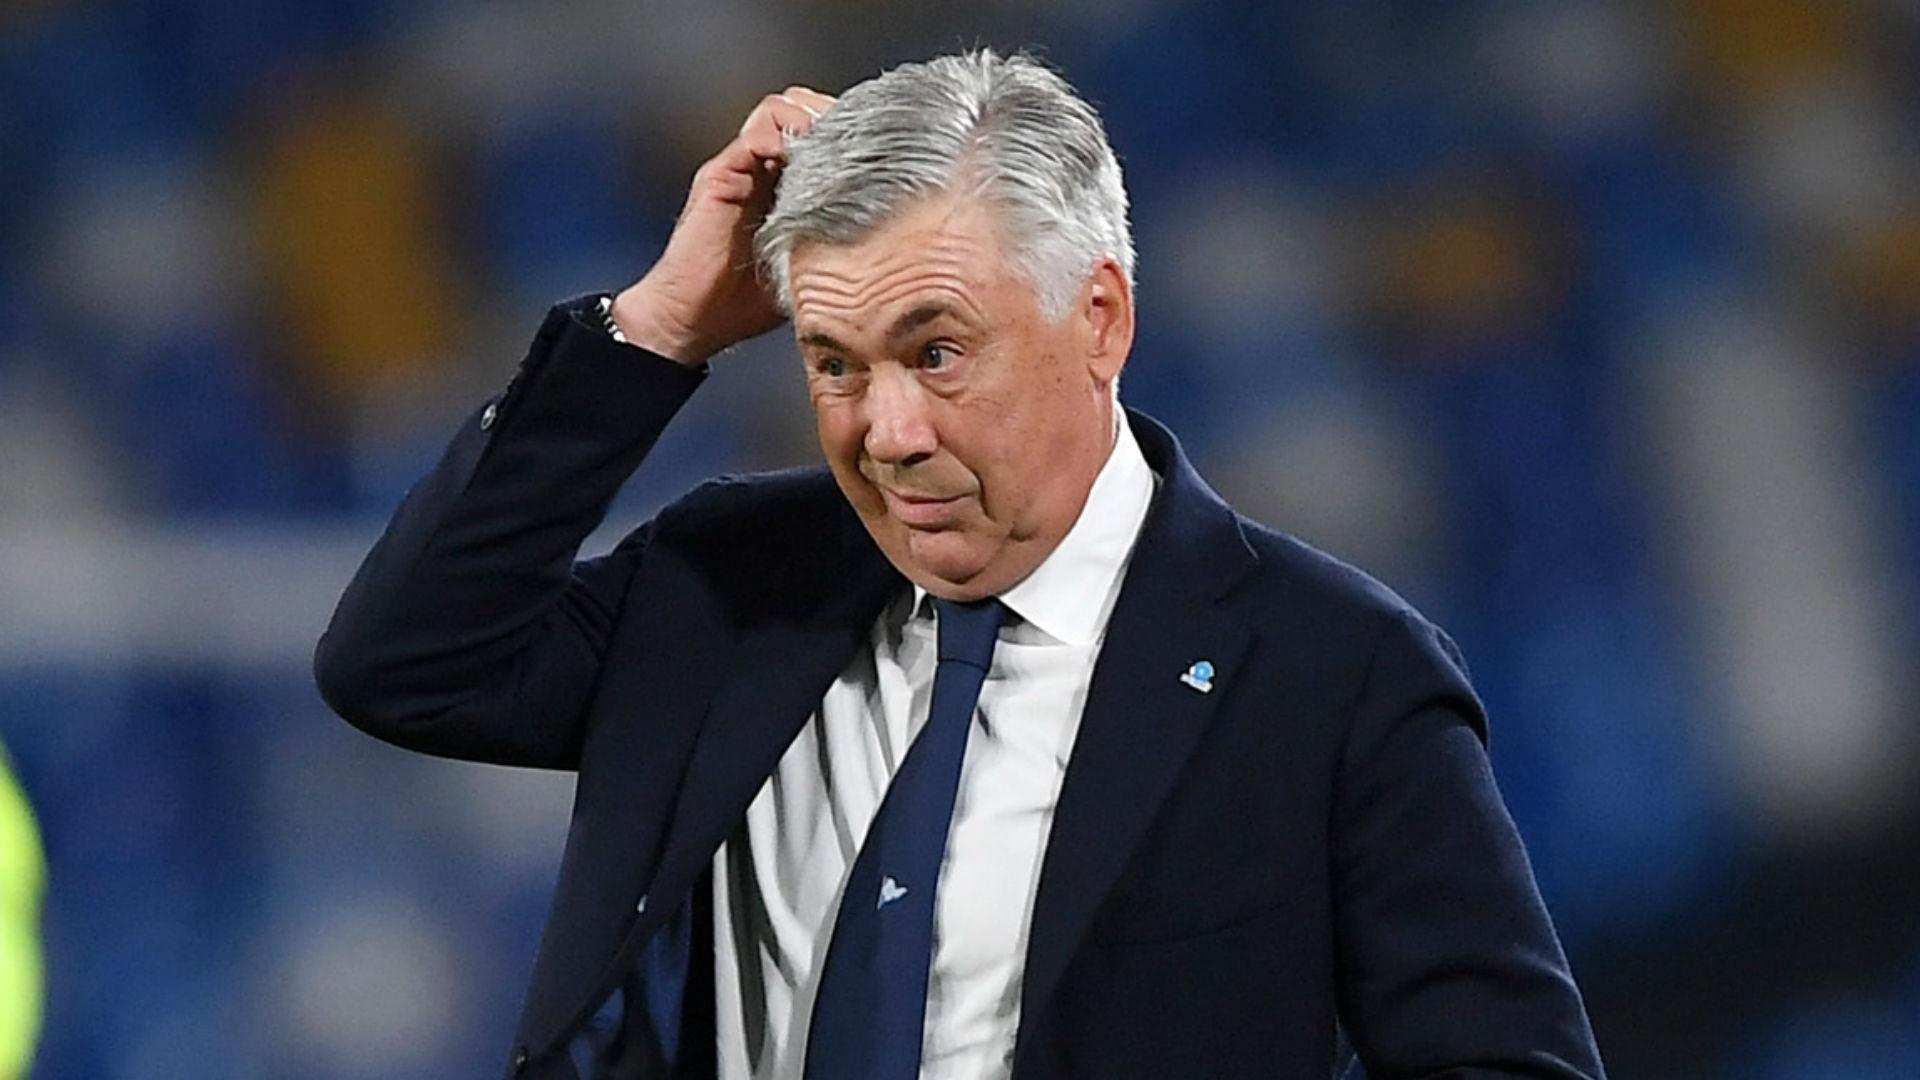 Napoli sack Ancelotti despite progressing in Champions League